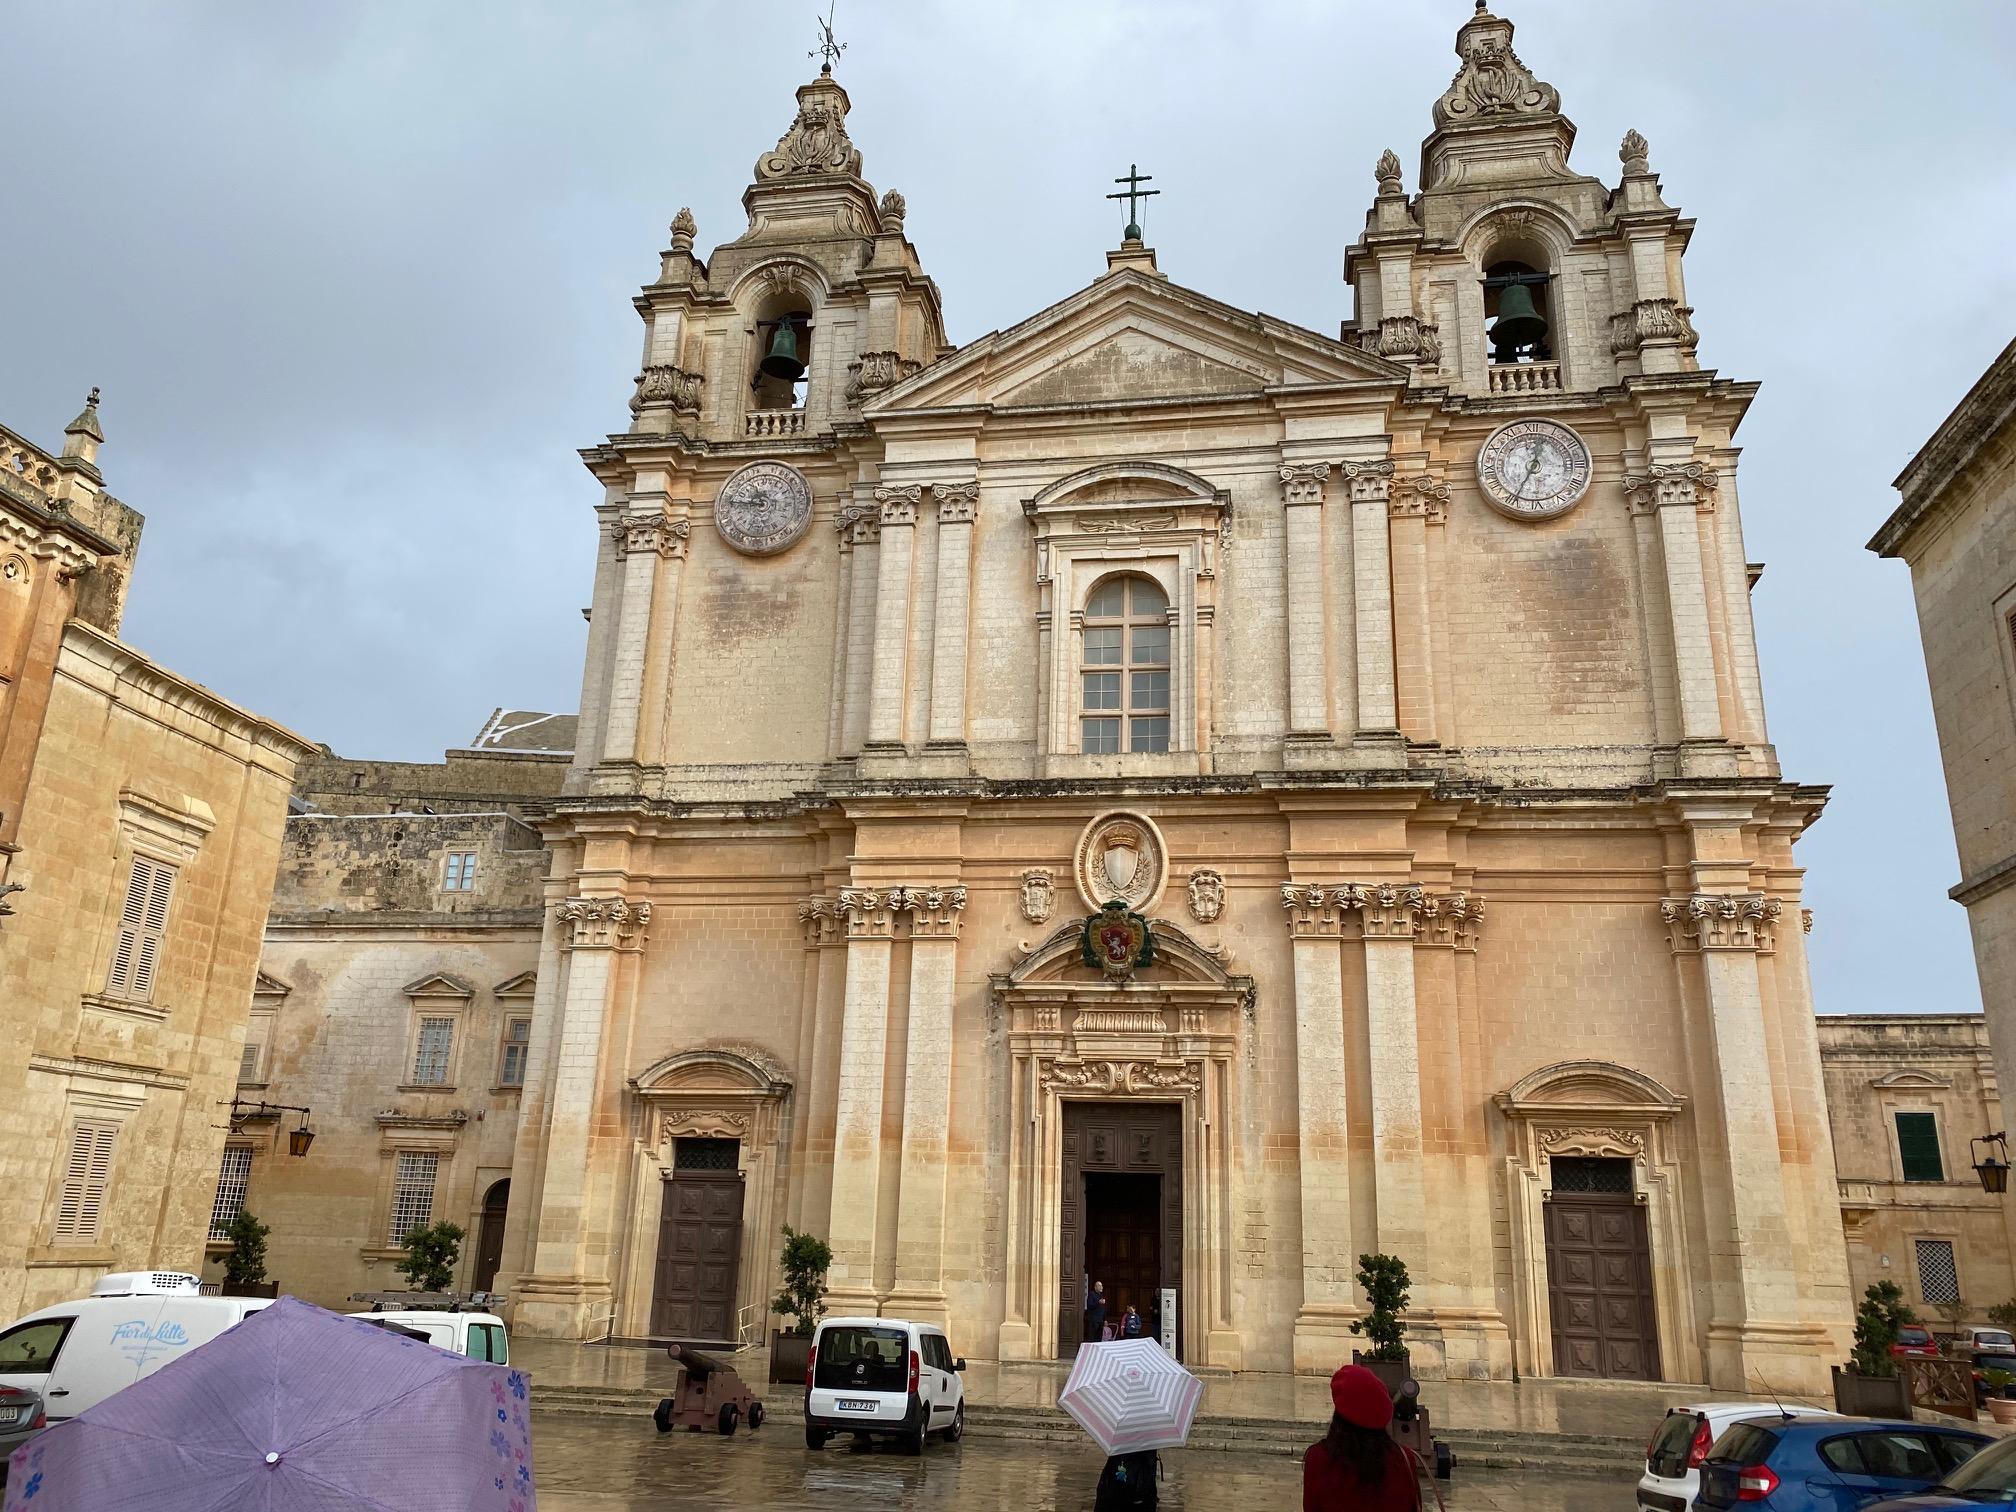 古都イムディーナ 聖パウロ大聖堂を訪ねる | 代々木グローバル高等学院[公式]